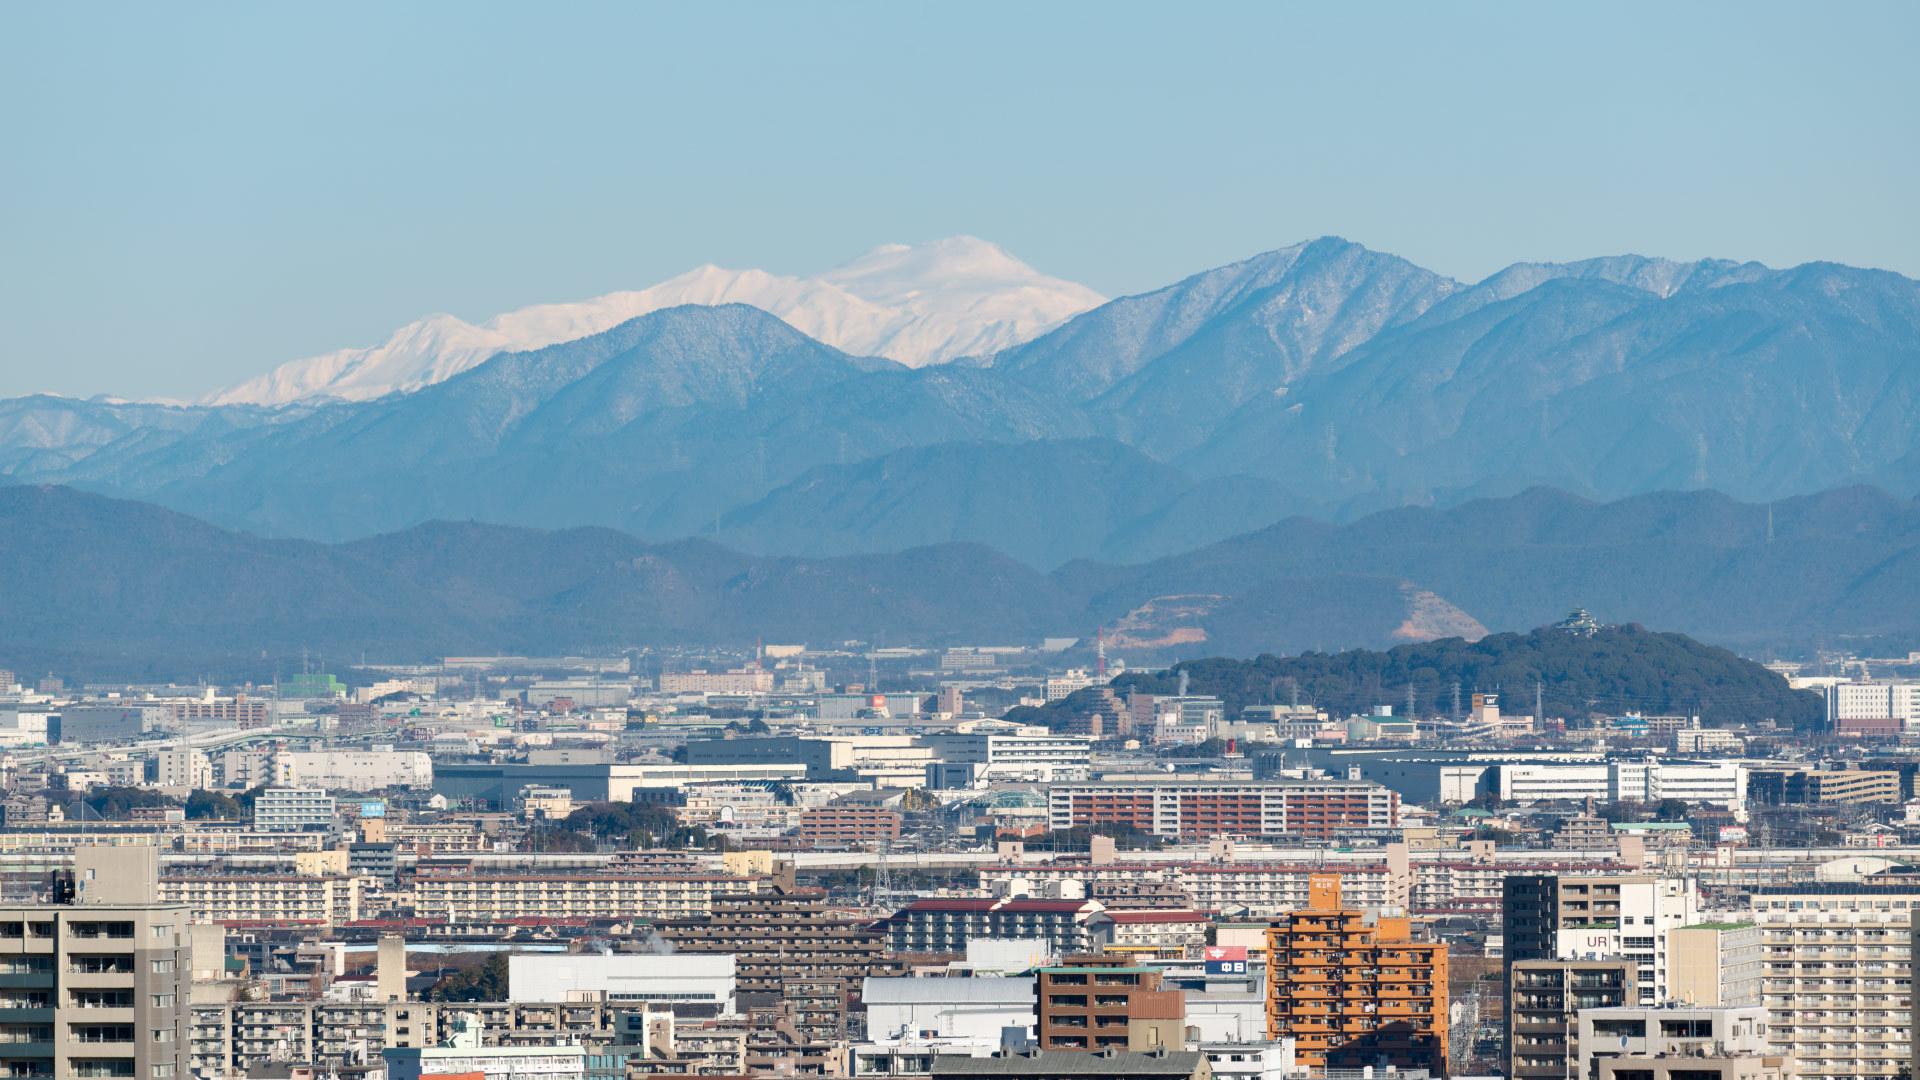 雪山観望日和_a0177616_15320562.jpg